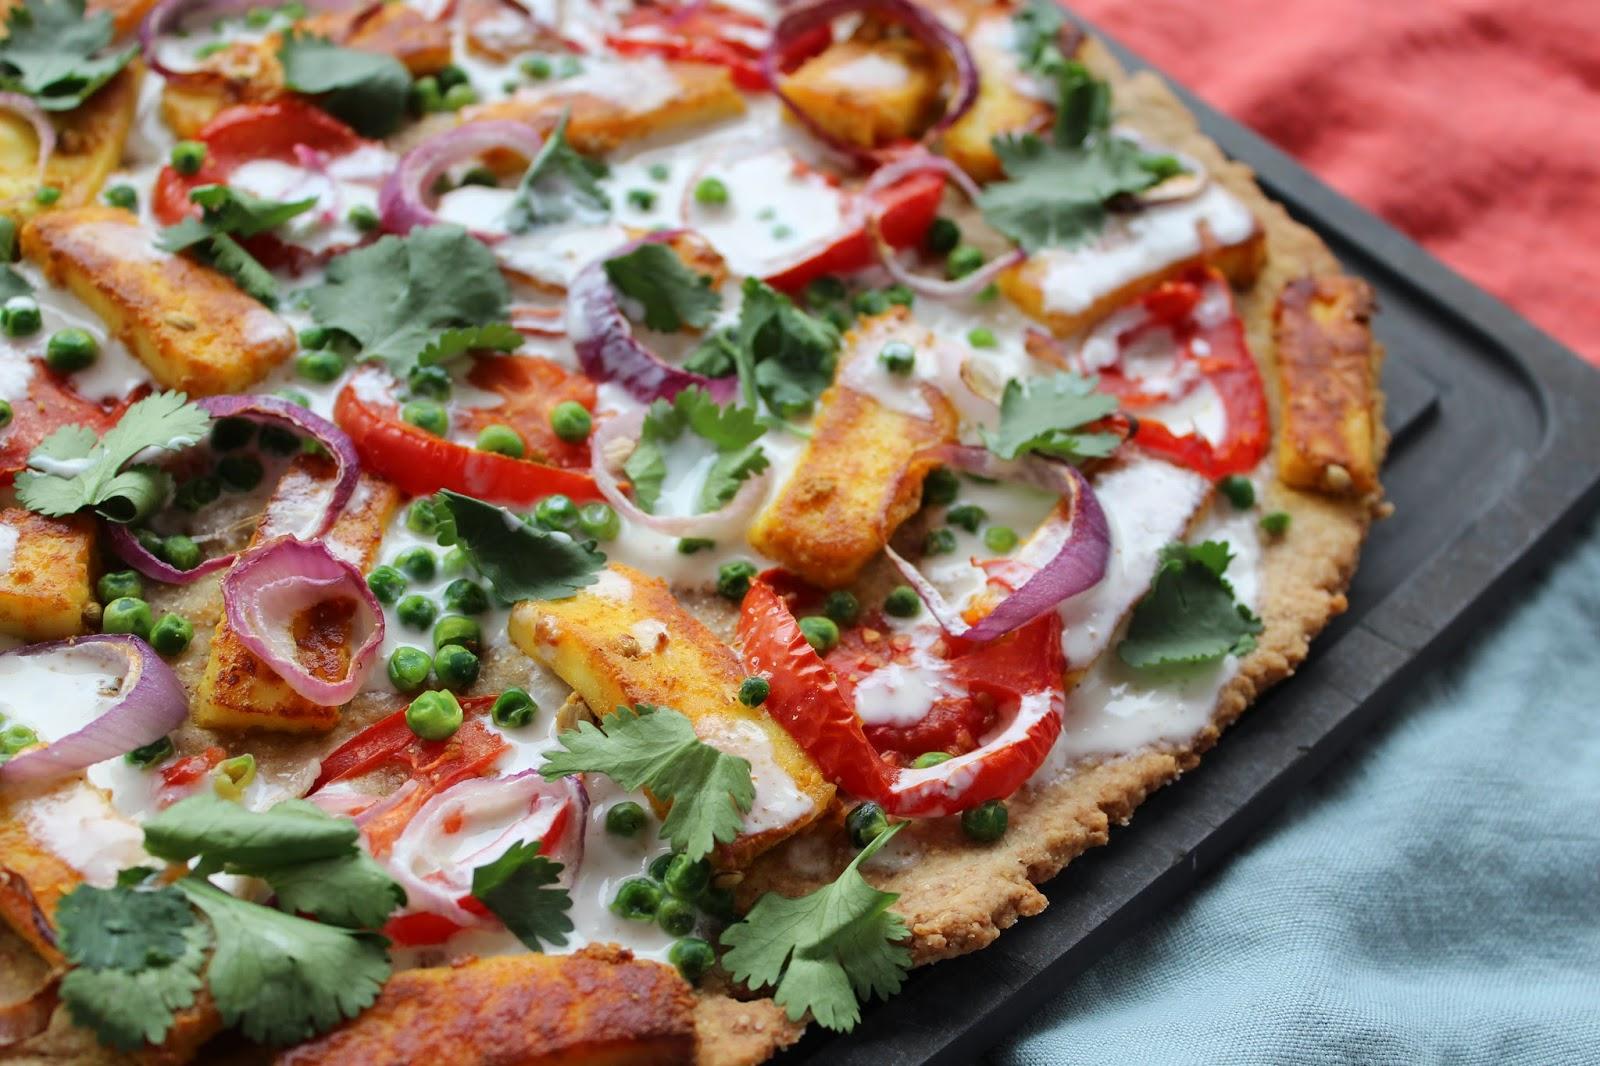 Ganz und zu Extrem Vegetarische Weltreise Indien: Paneer Tikka Pizza mit Yoghurtsauce #QB_92